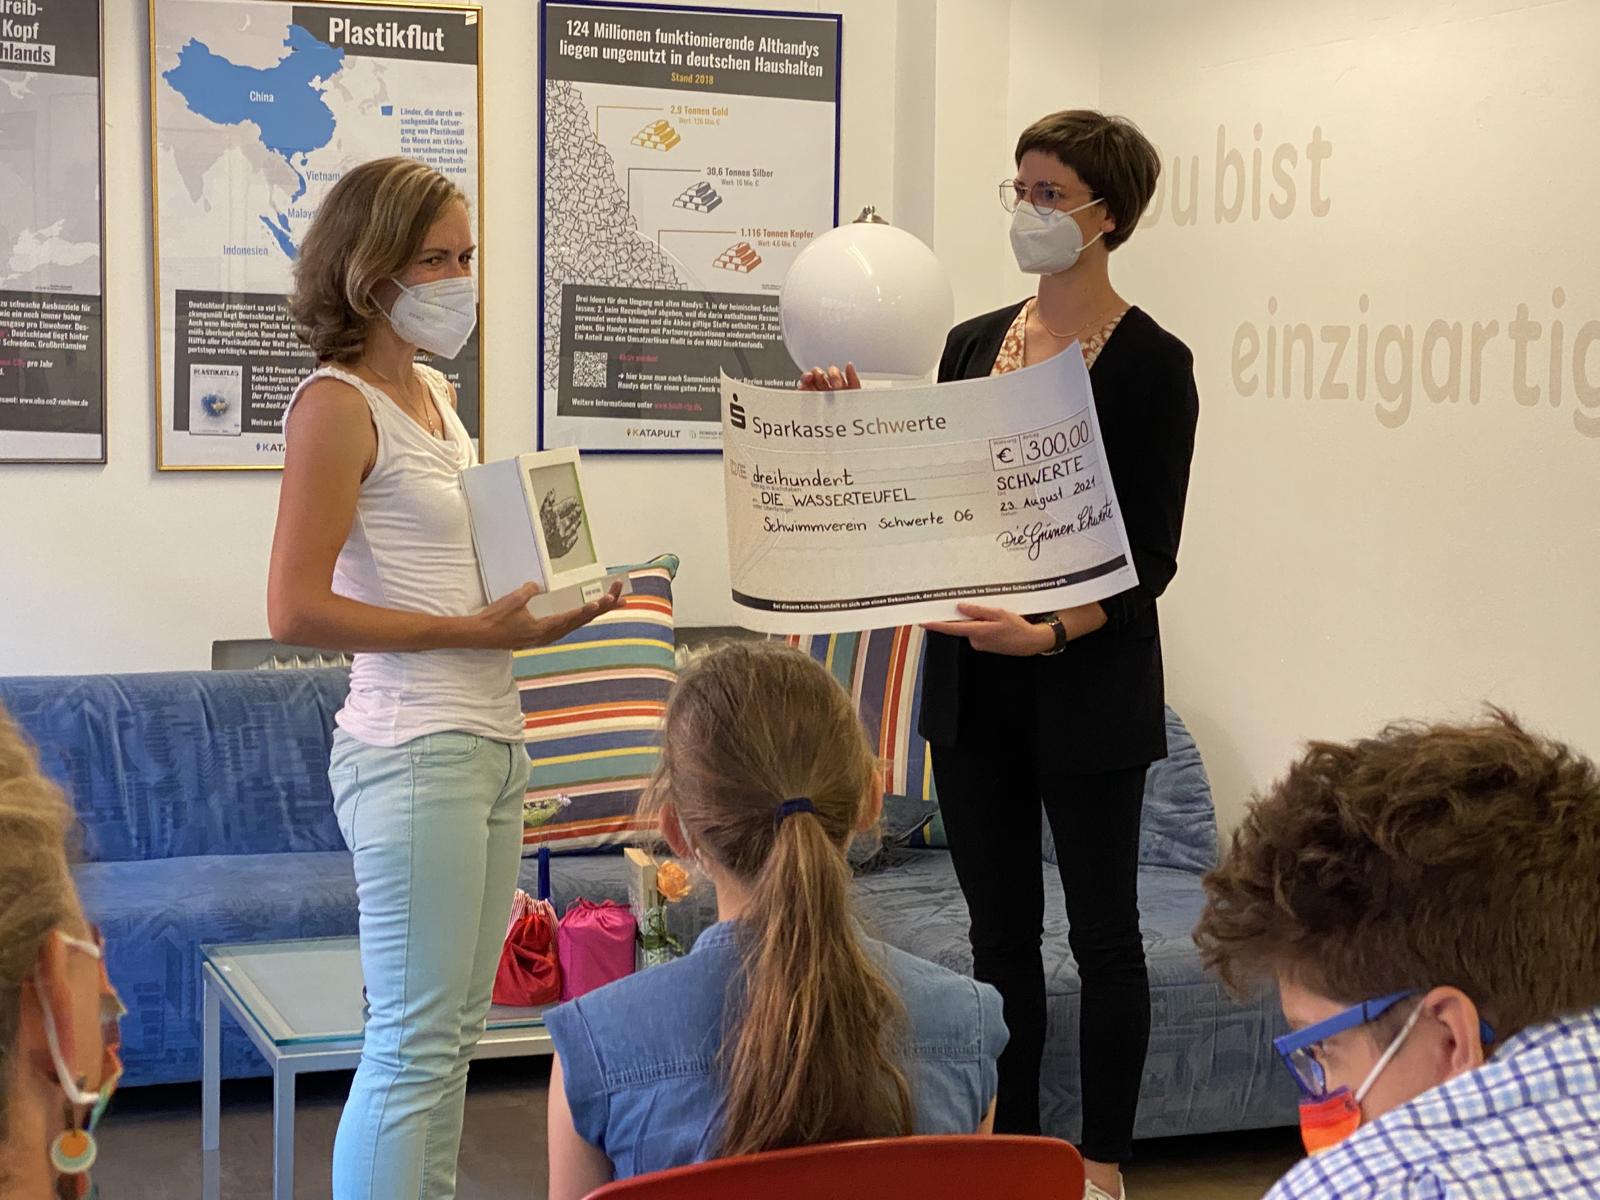 Ehrenamtspreis: Grüne ehren Wasserteufel mit Grüner Viktoria